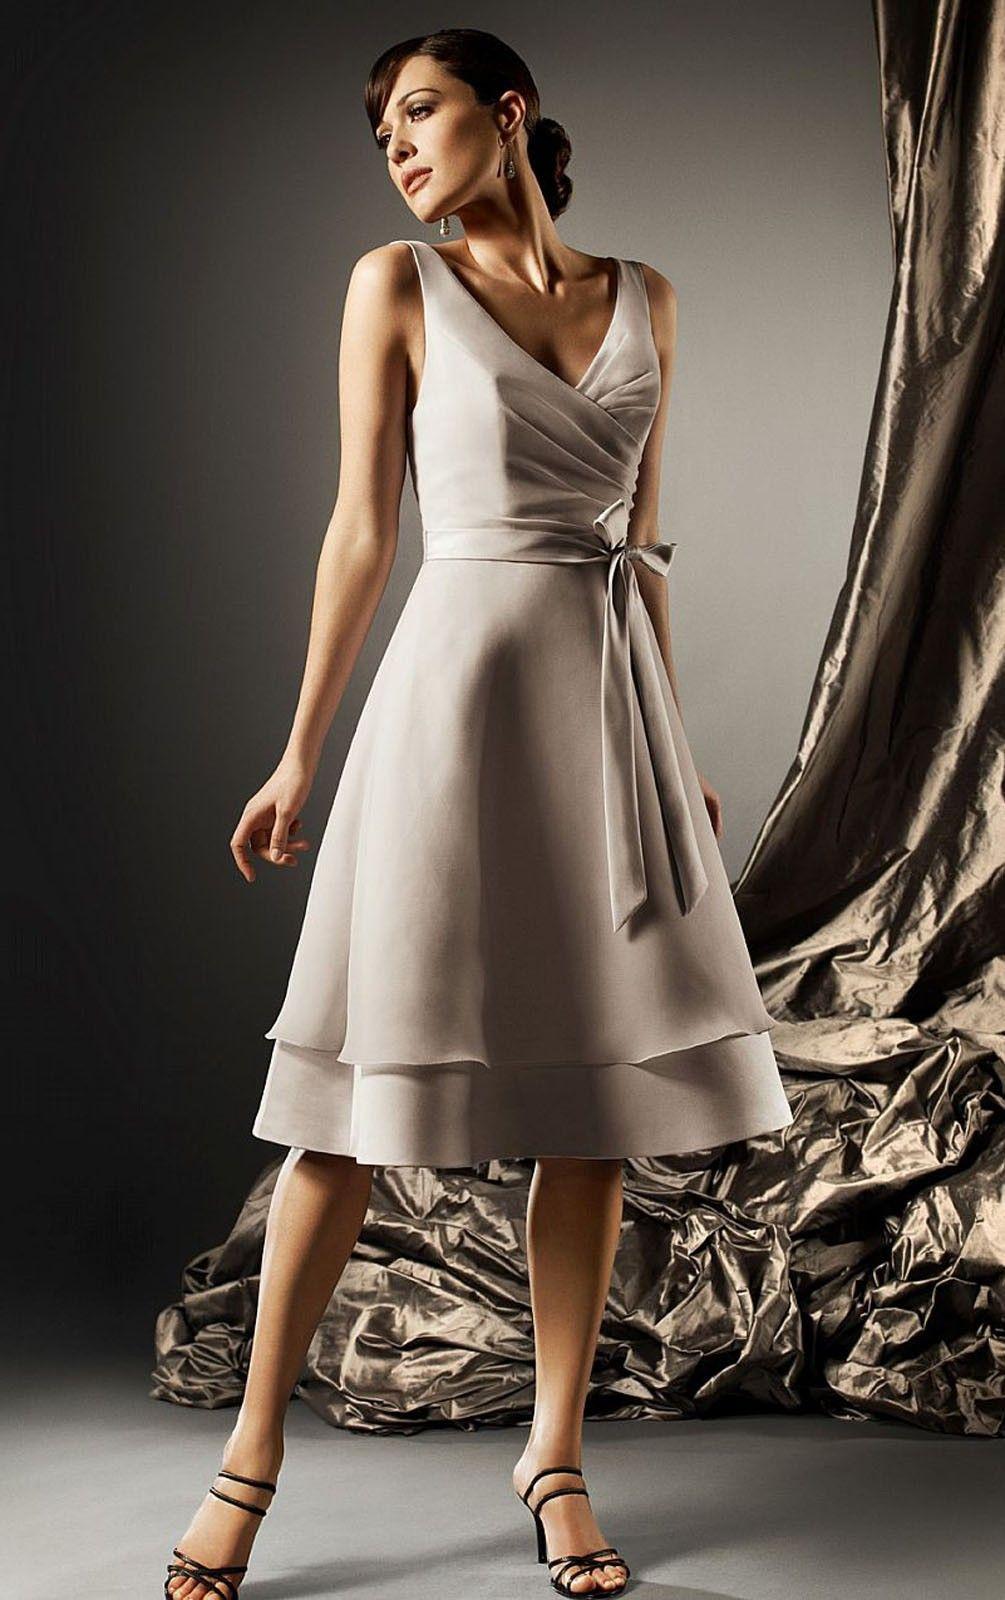 Satin chiffon natural sleeveless zipper deep vneck bridesmaid